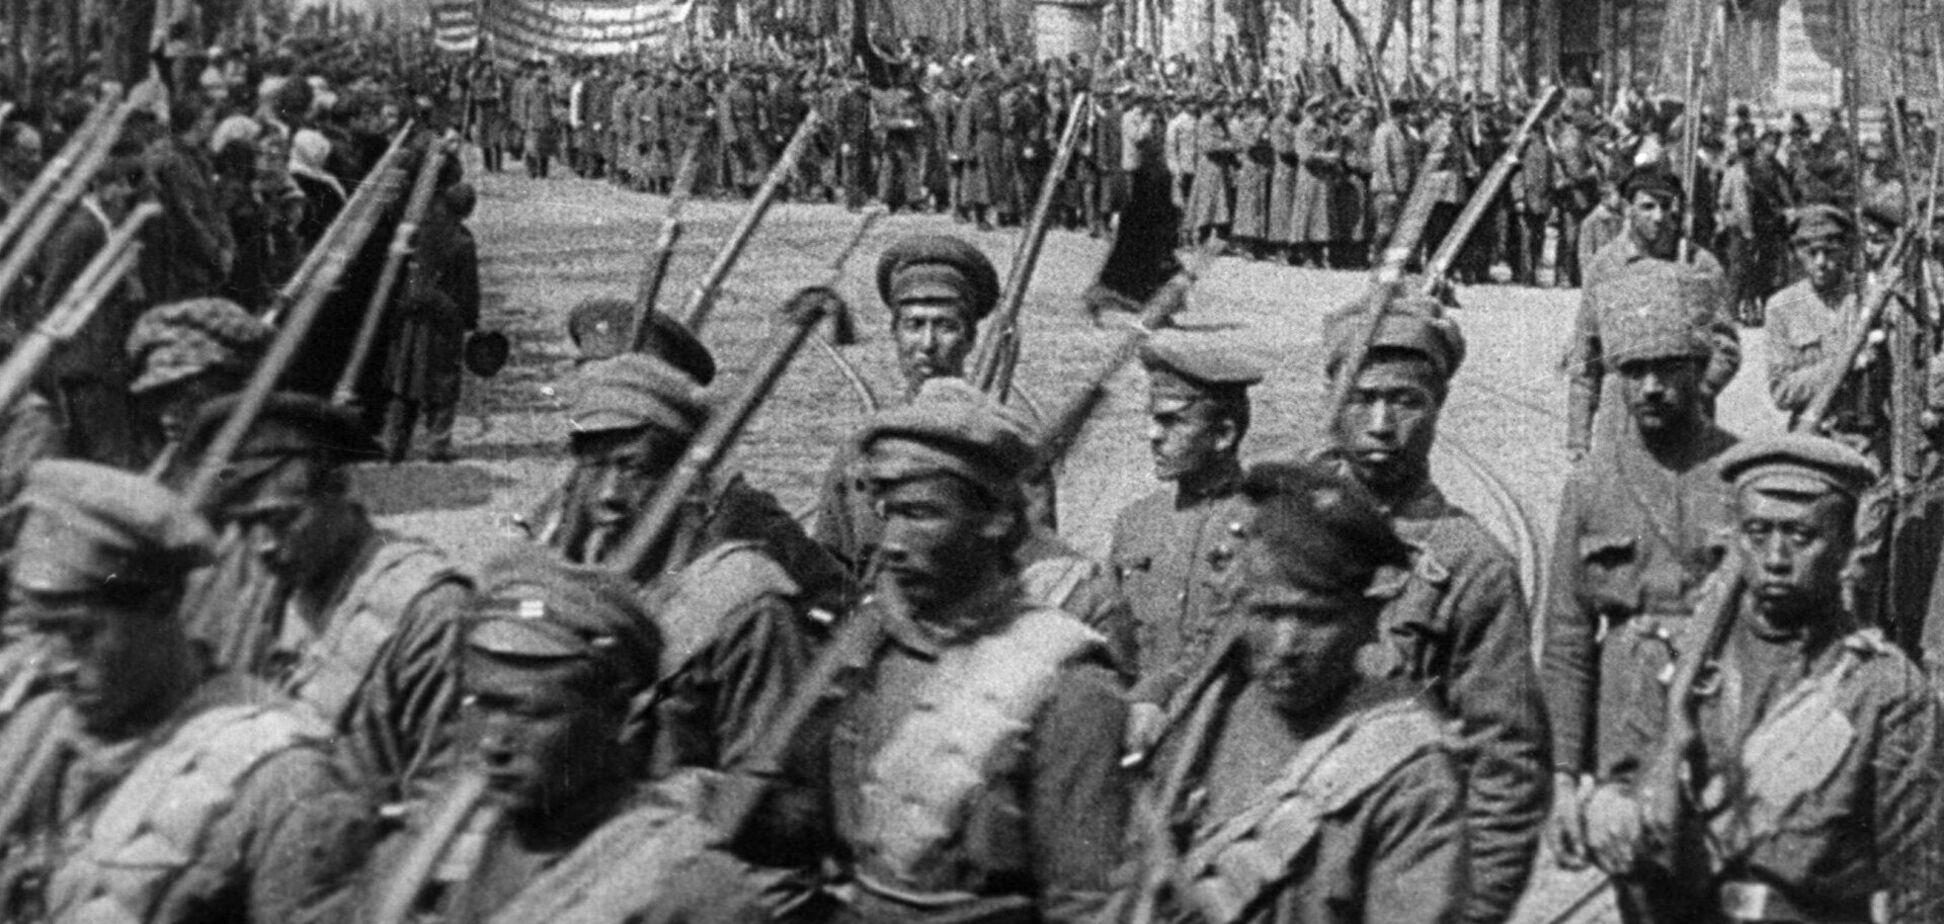 Директорія оголосила війну Росії